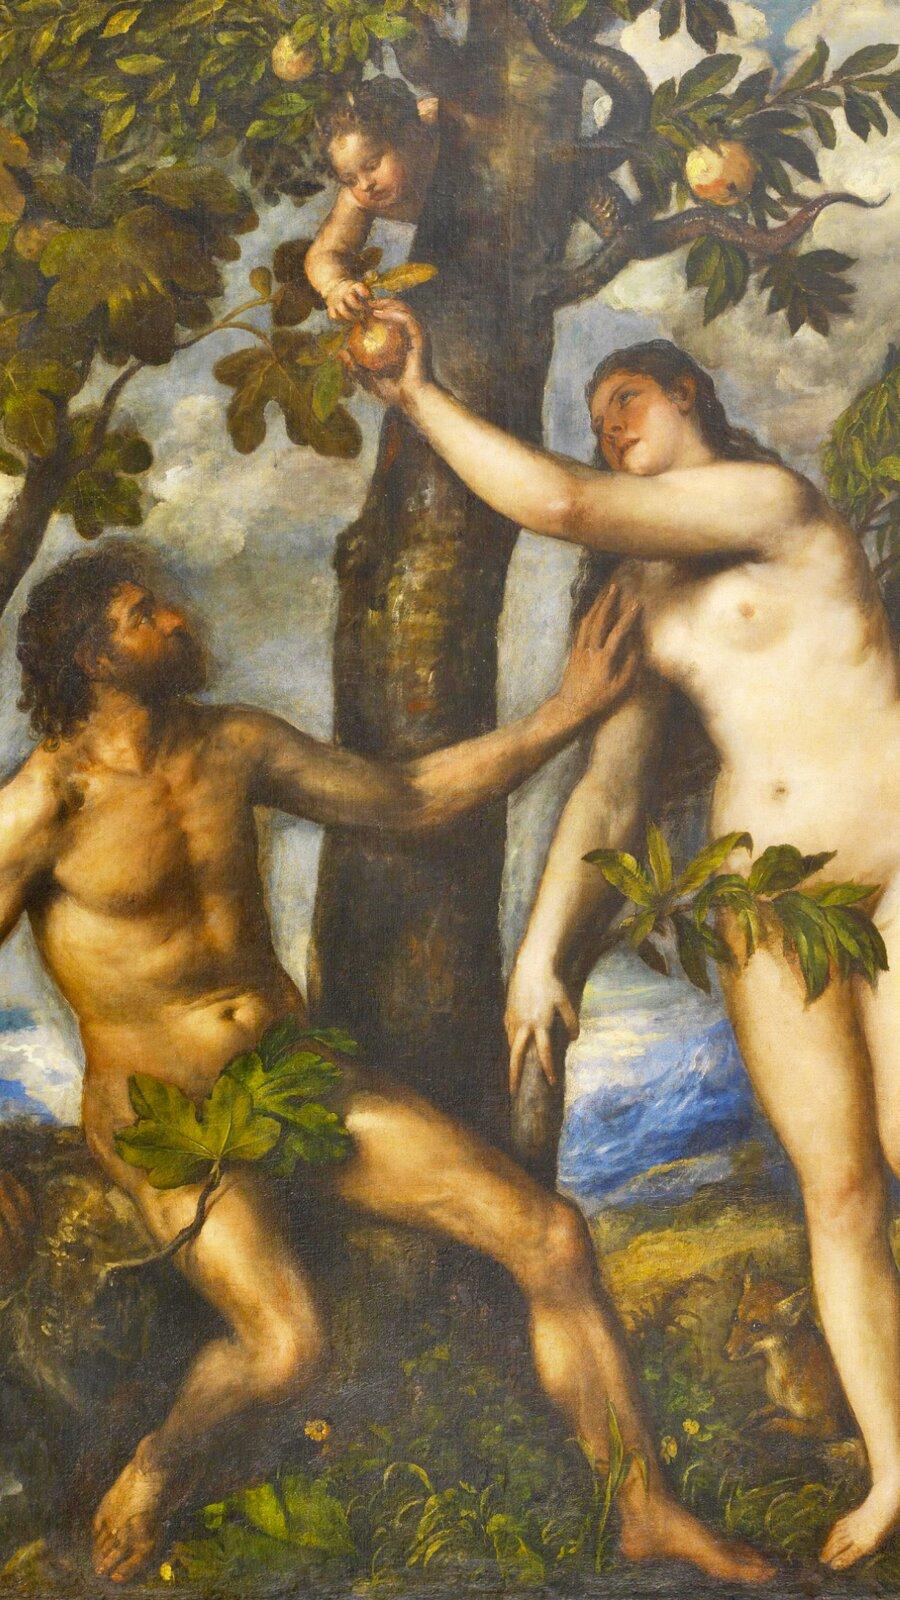 """Obraz pt. """"Grzech pierworodny"""" przedstawia Adama iEwę wmomencie popełniania grzechu pierworodnego. Ewa zrywa zdrzewa jabłko. Są nadzy."""